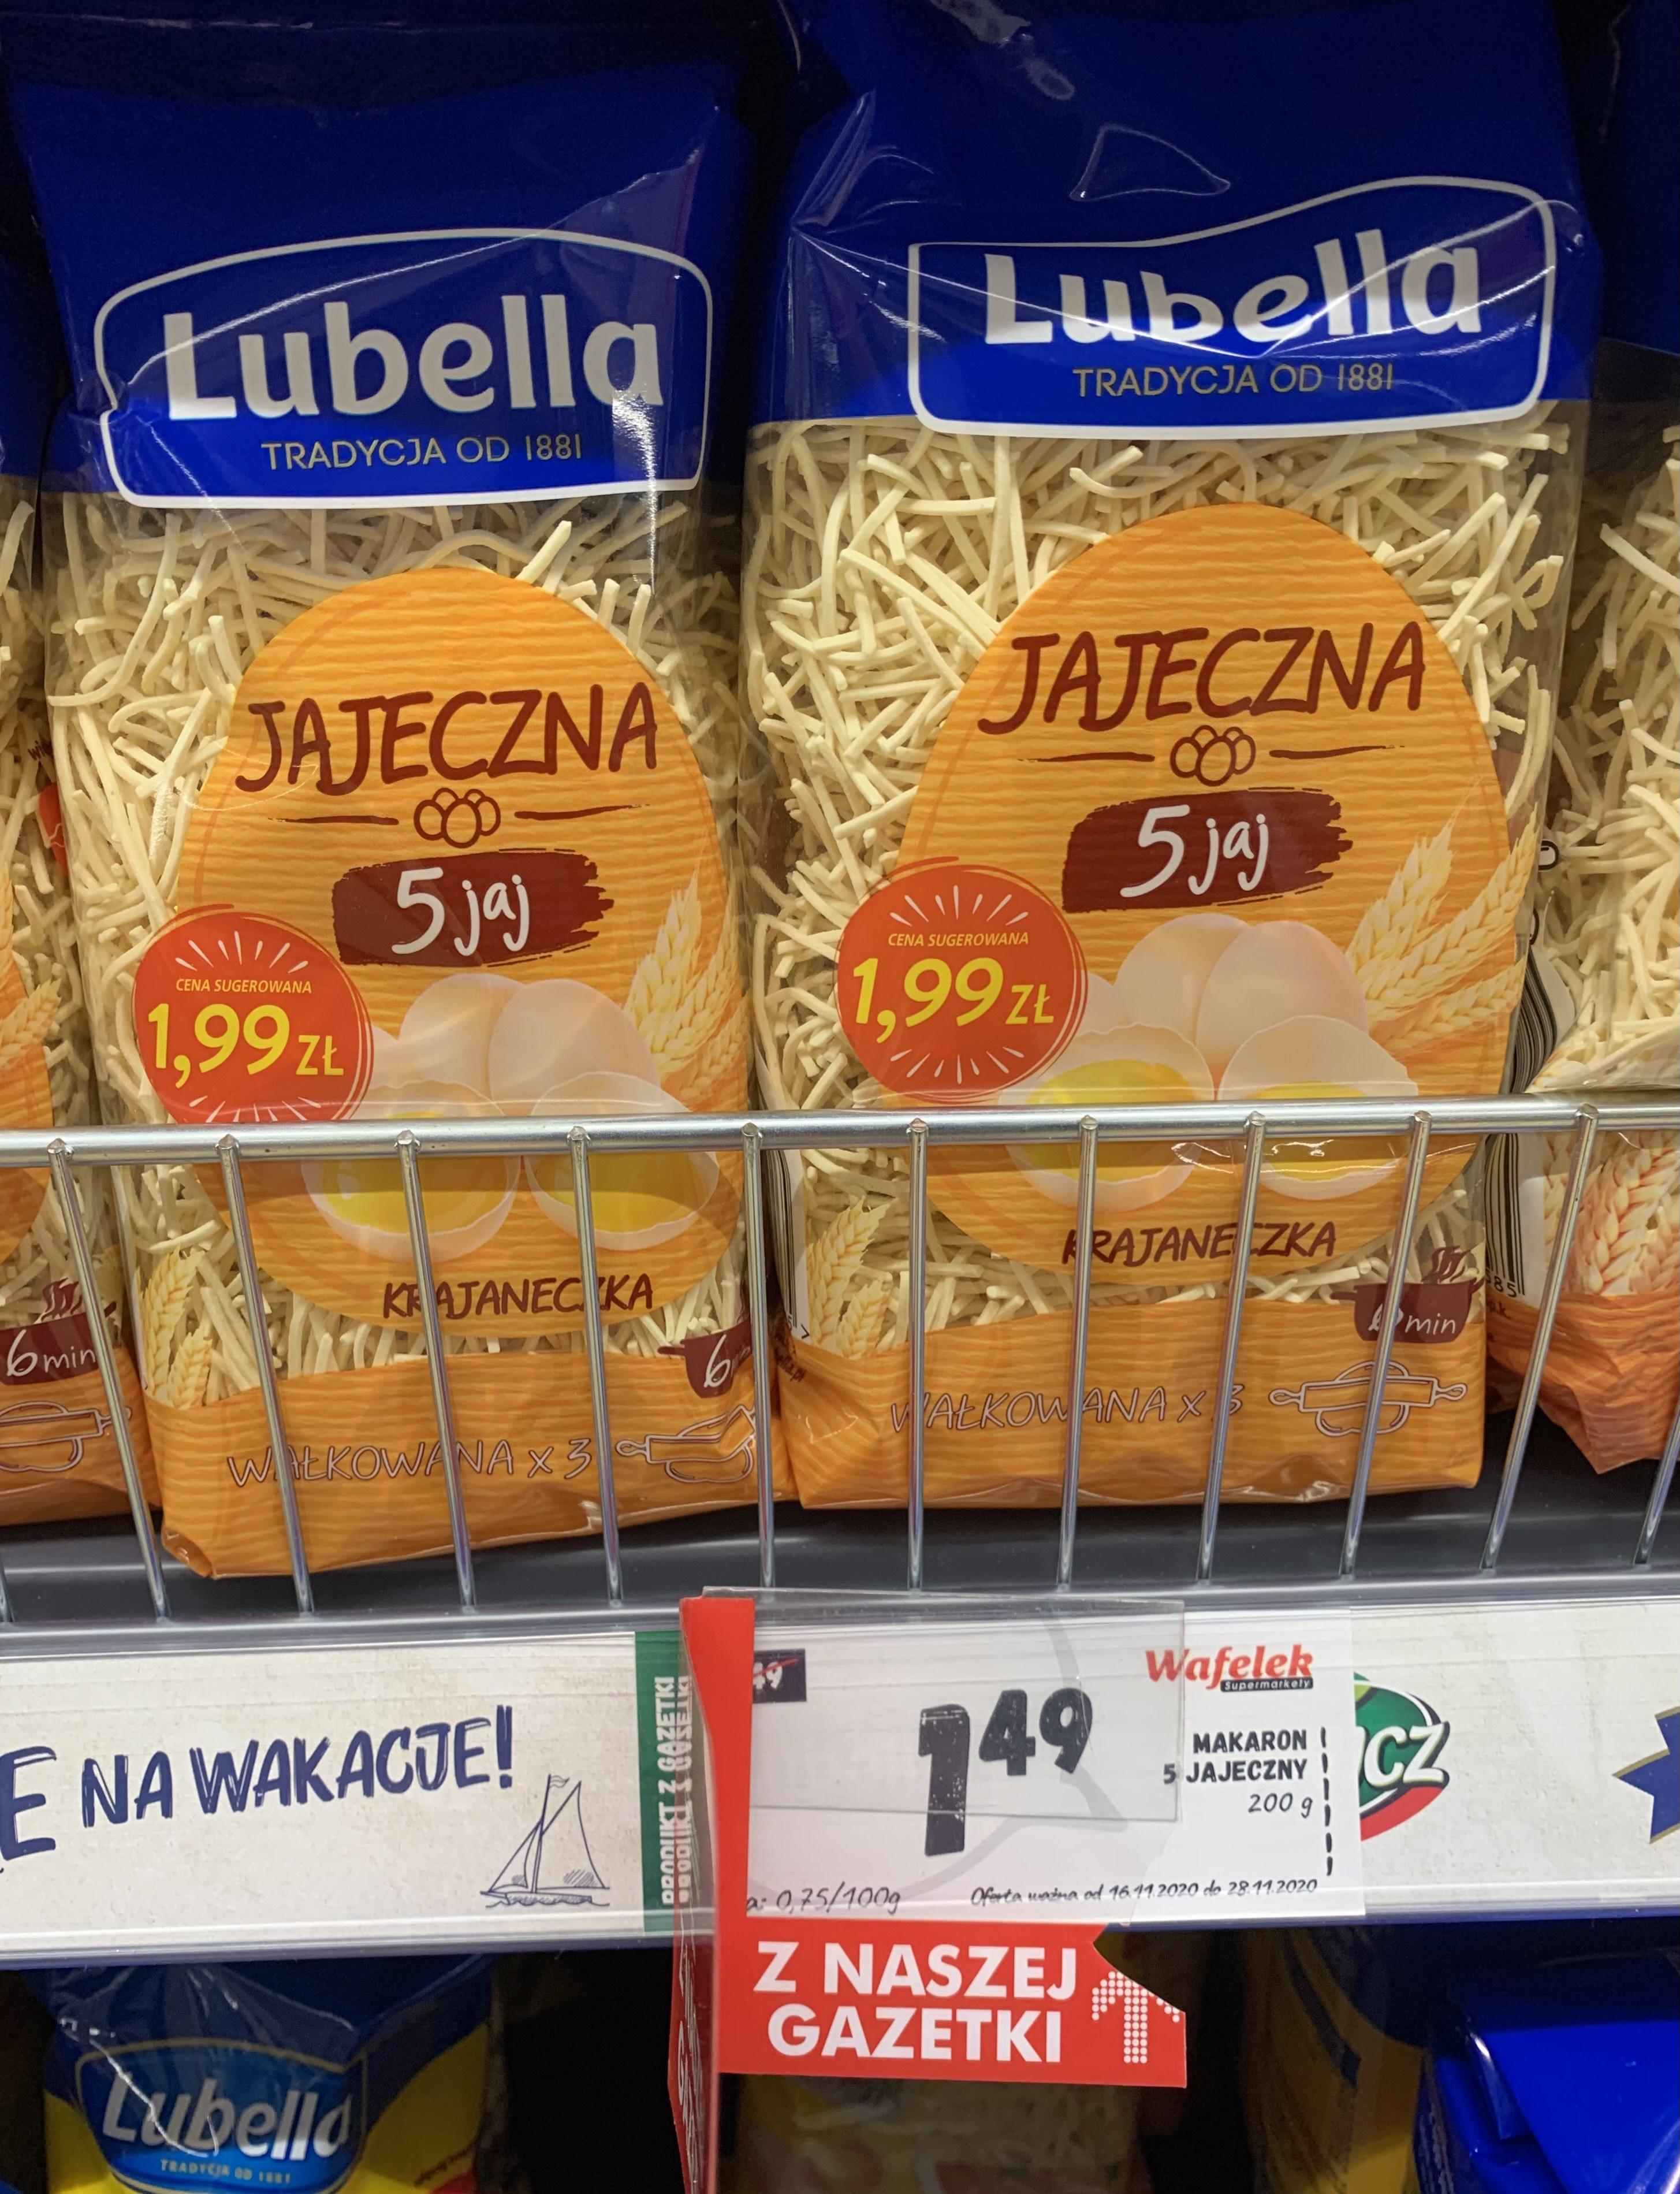 Makaron 5 jajeczny Lubella 200g sklep Wafelek Sędziszów